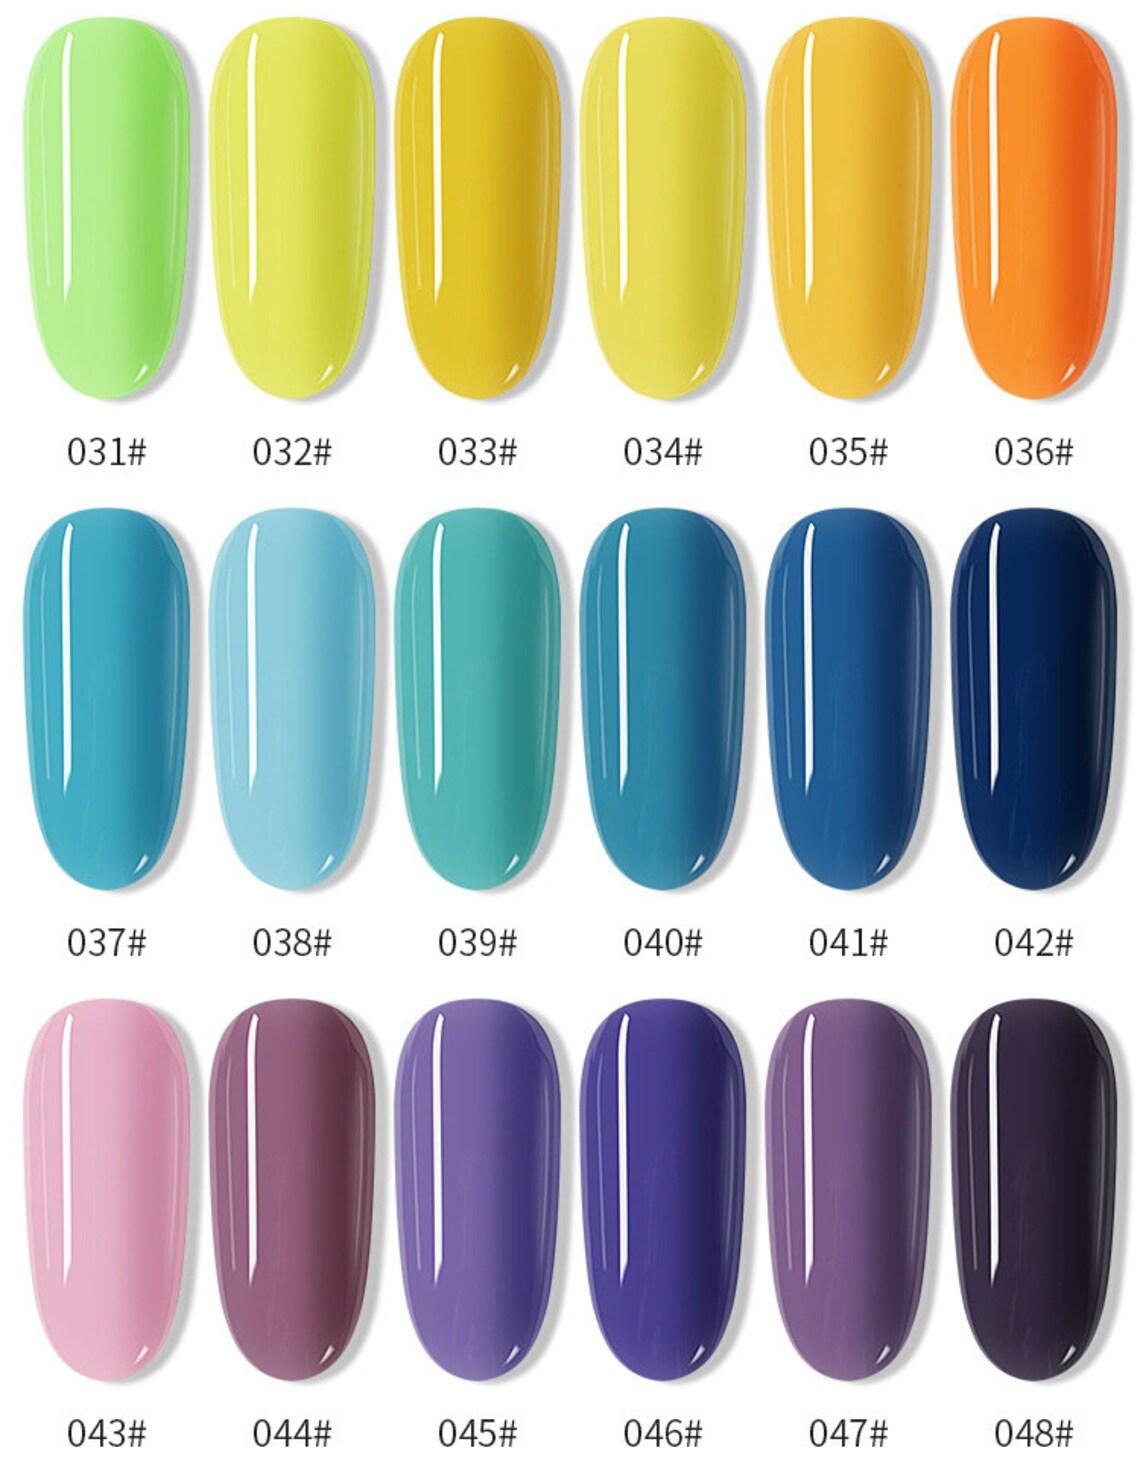 120 colors Nail Stamping Polish 7.5ml Colorful Printing image 3